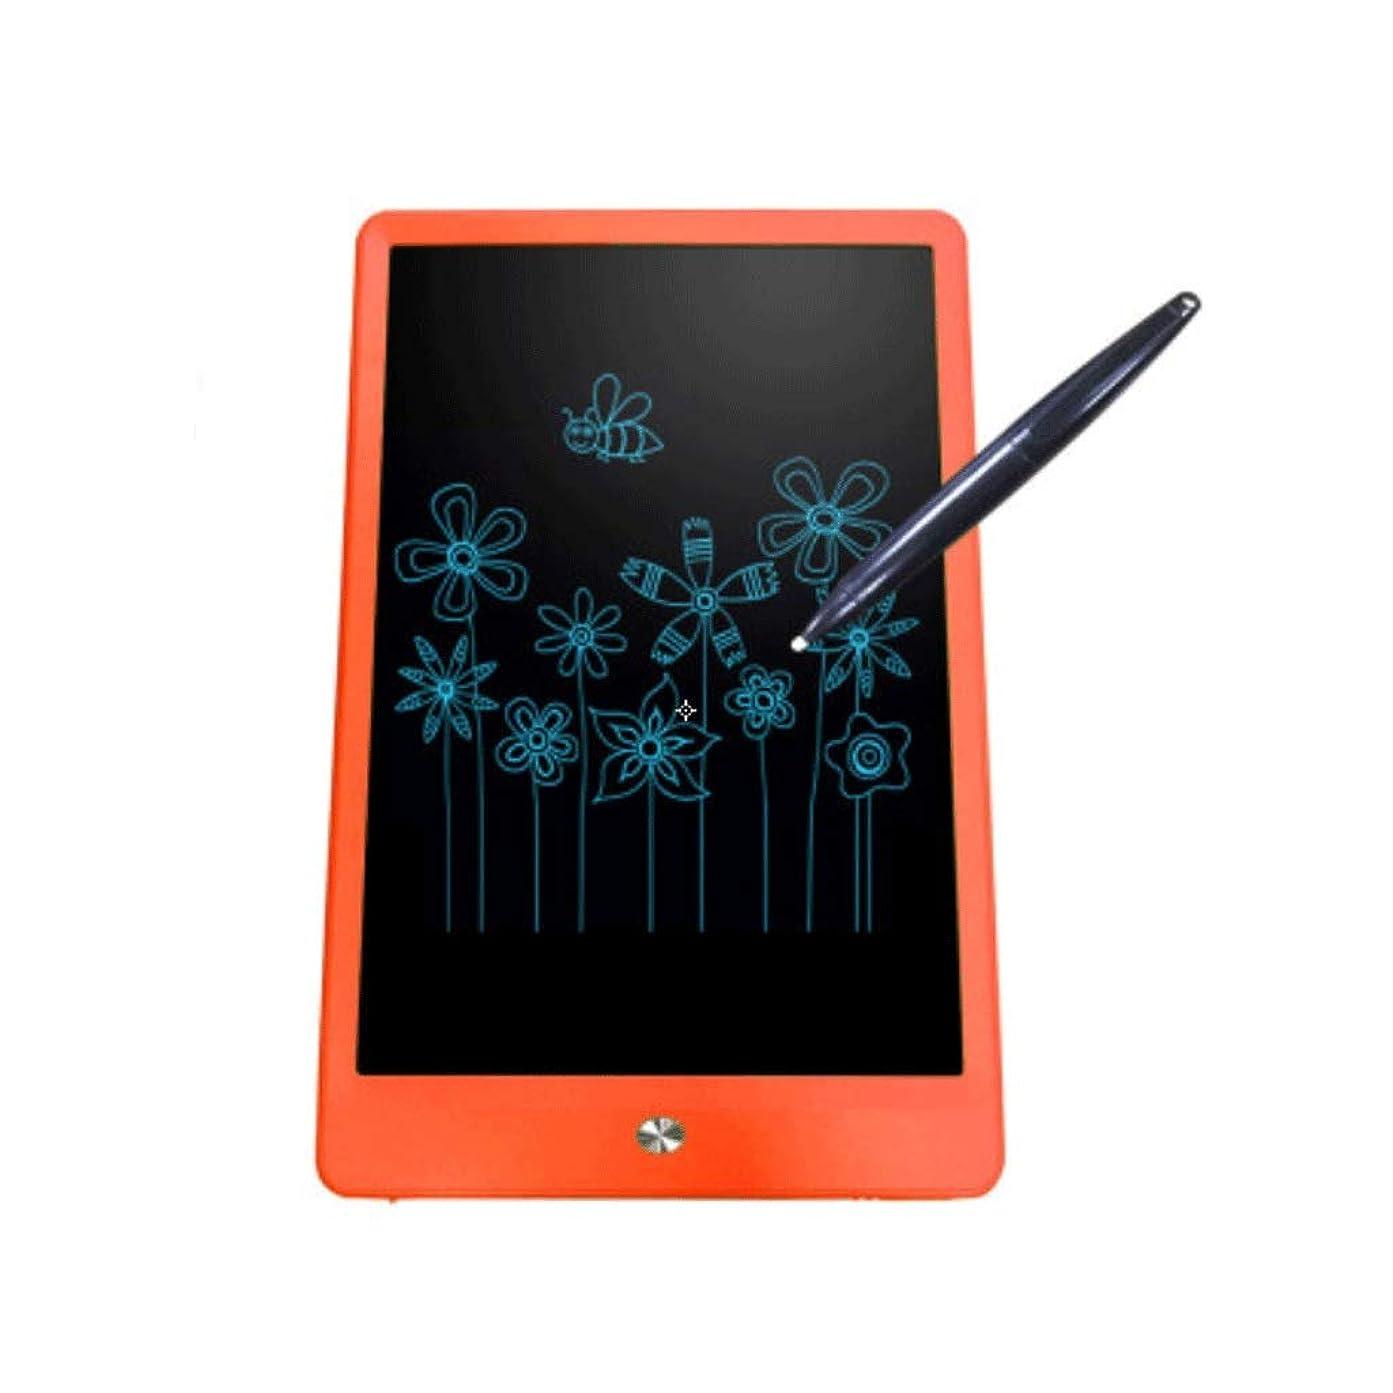 ゲインセイストローク勧める絵画 スクリーンLCD手書きボード子供用ライティングボード手描きボードライトエネルギー電子ボード10インチ 子供のための赤ちゃんのおもちゃ (Color : Orange)